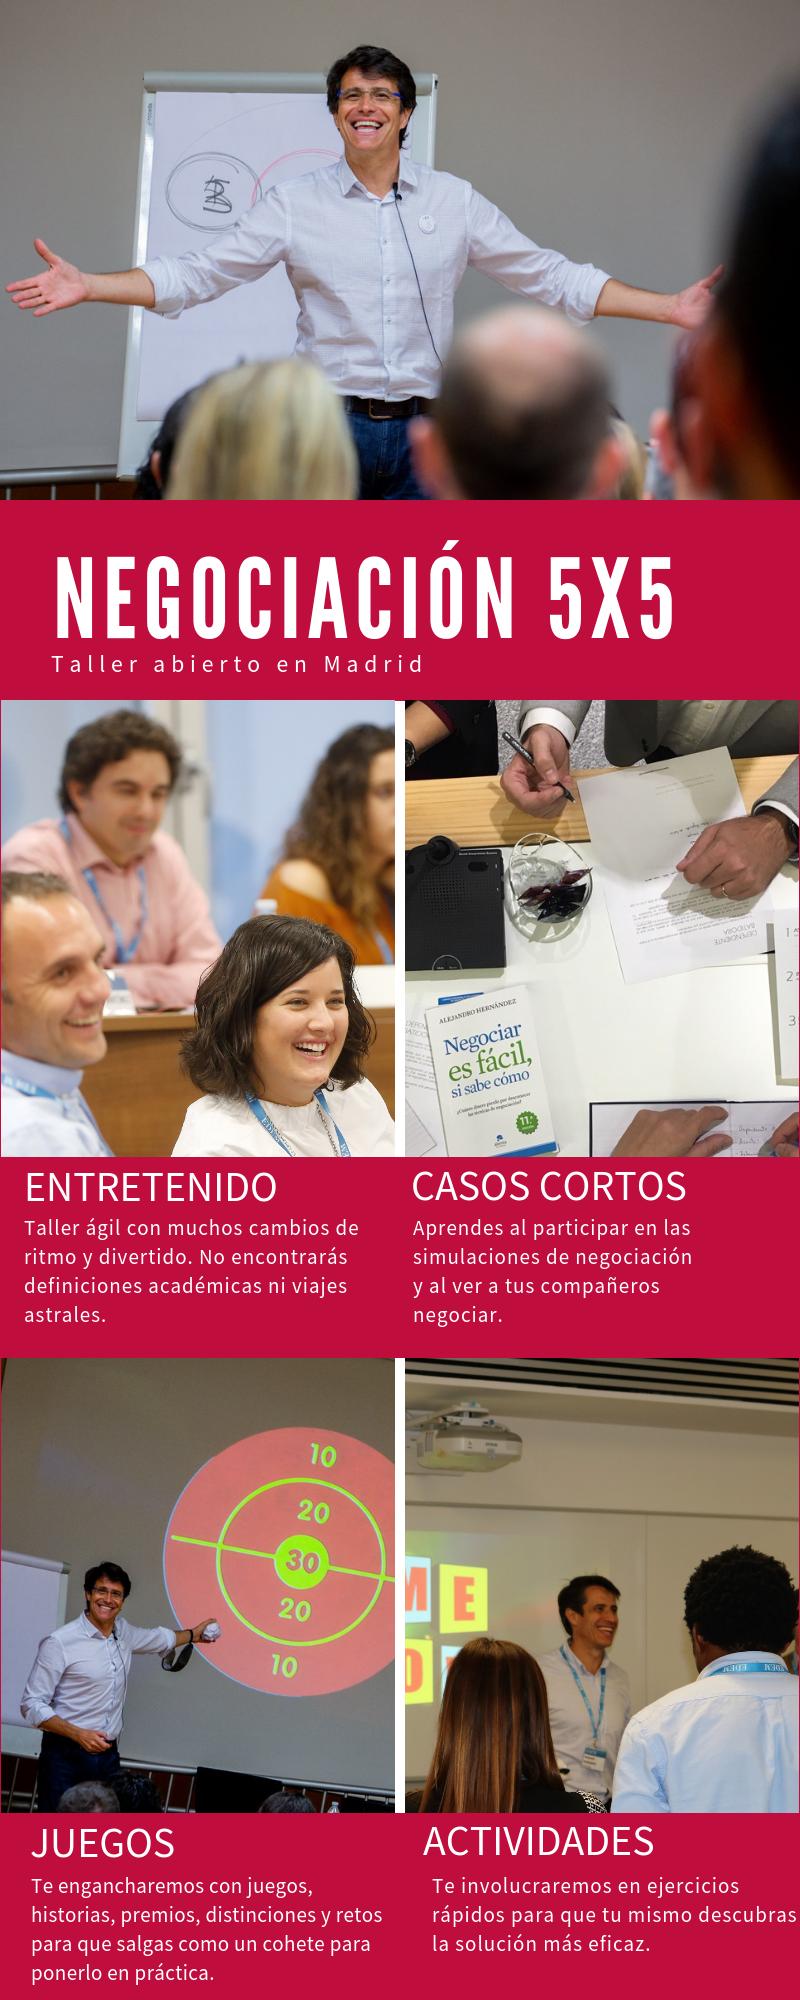 Copia de ABIERTO NEGOCIACION 5X5 (2)